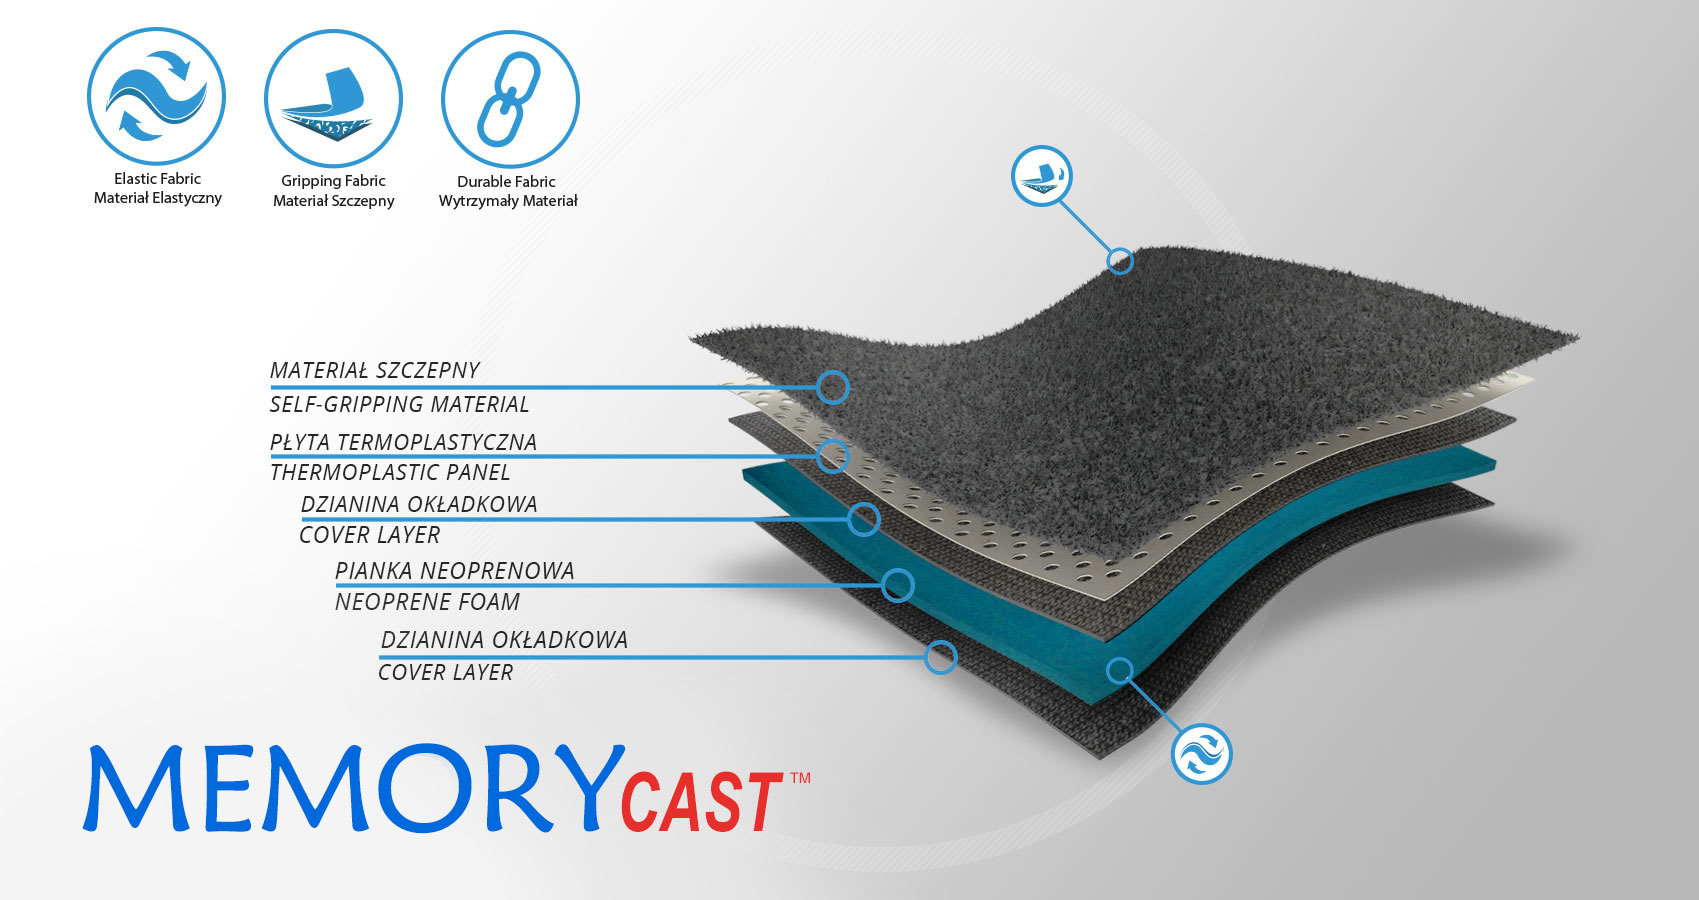 memorycast